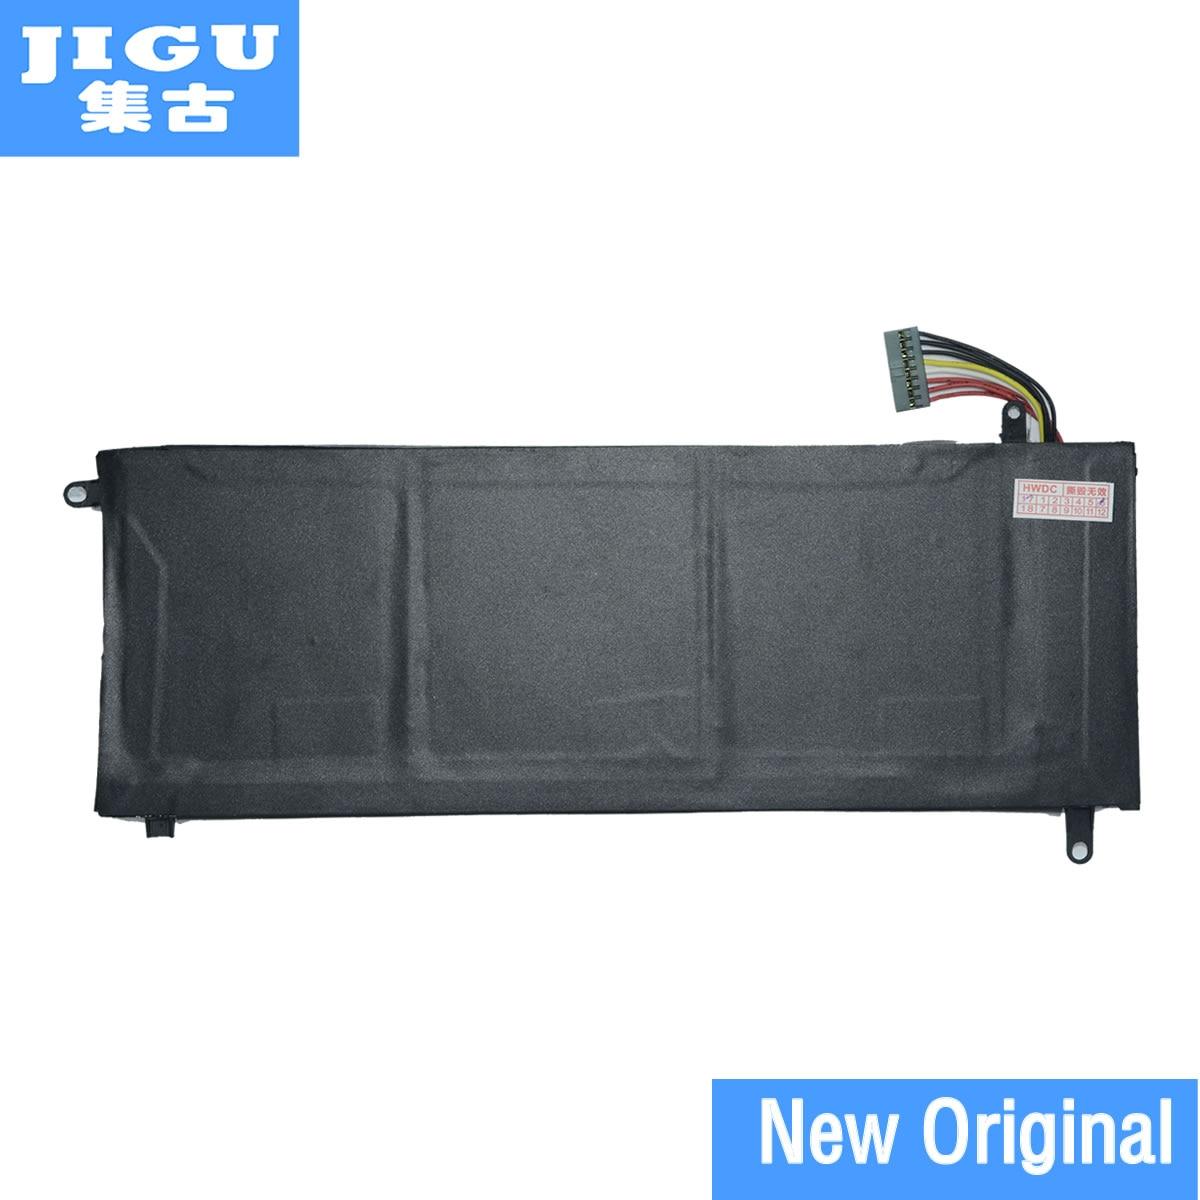 JIGU laptop battery 961TA002F GNC-C30 FOR GIGABYTE XMG C404 P34G V1 v2 U24 U2442 U2442D U2442F U2442N U2442S U2442V U24F U24T gnc 300mg 100